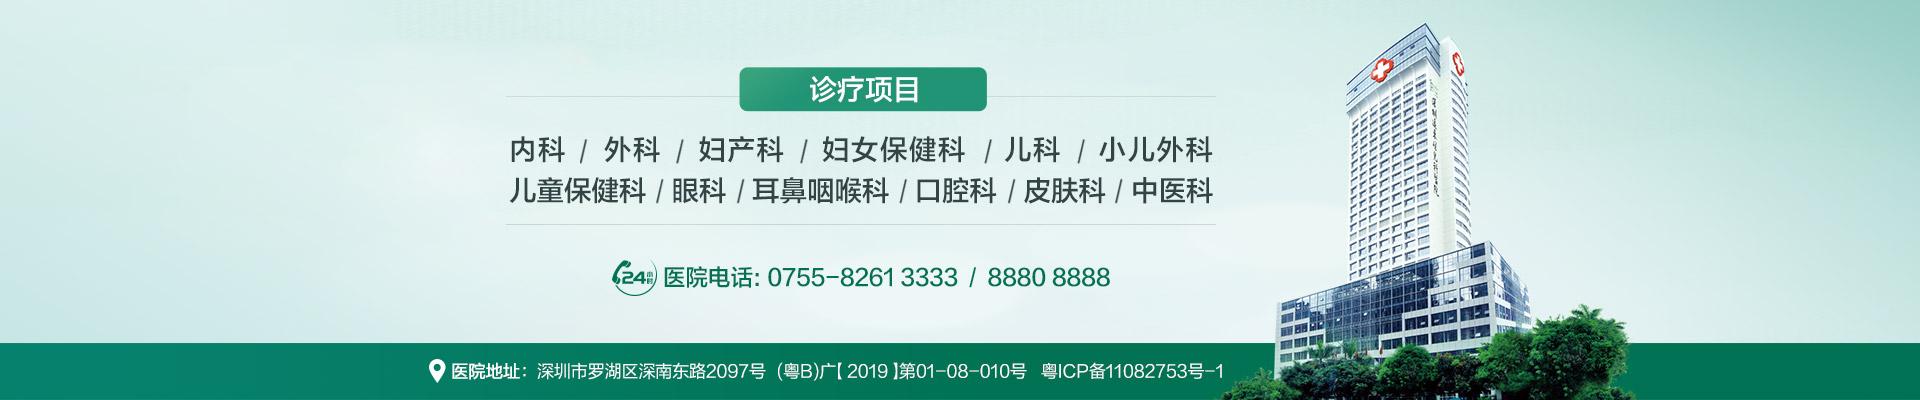 深圳遠東婦產醫院